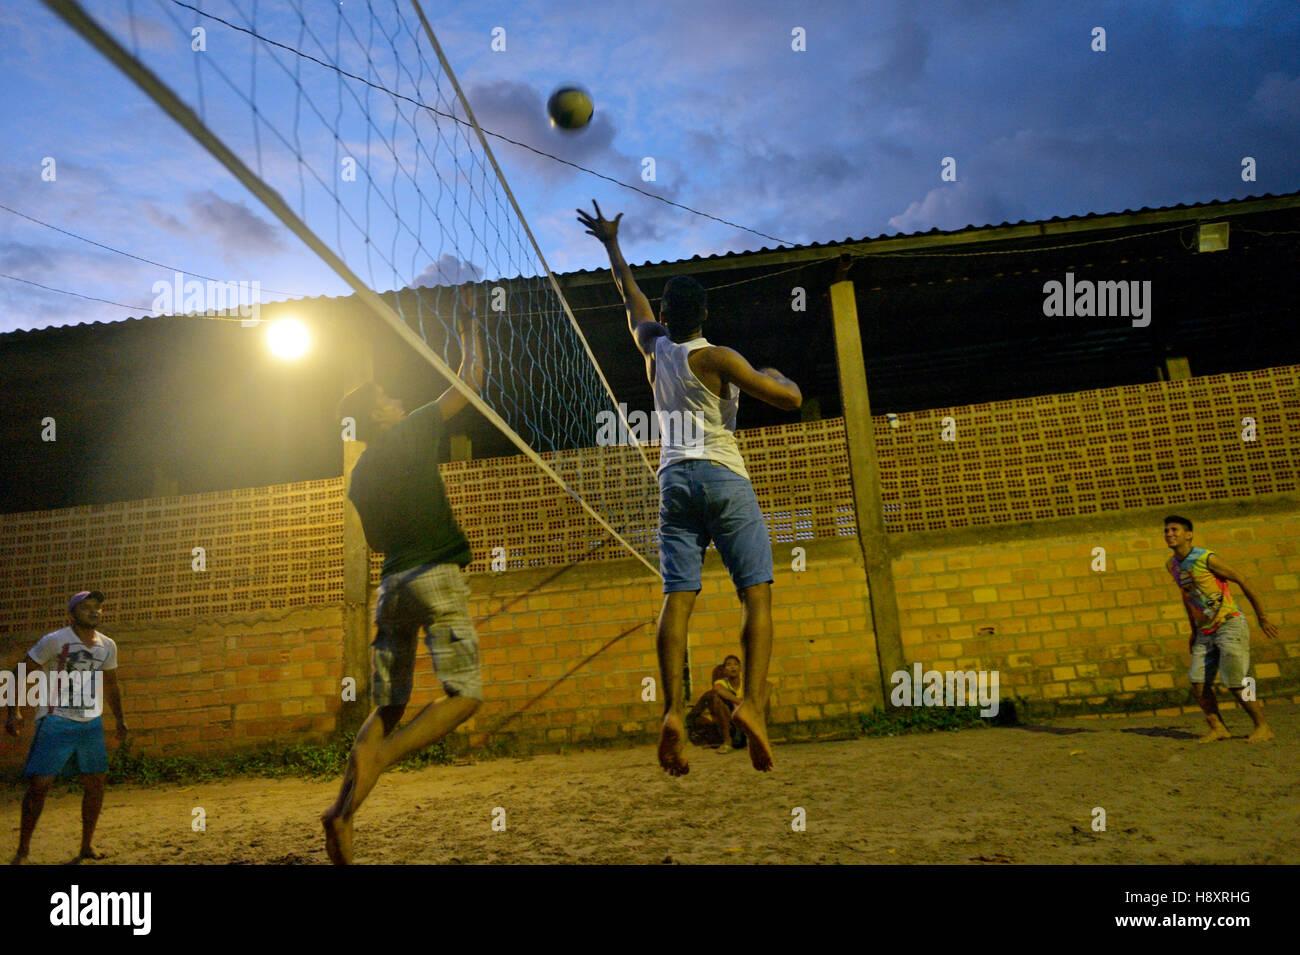 Giovani giocando a pallavolo, sera, Trinta, Itaituba distretto, Pará, Brasile Immagini Stock